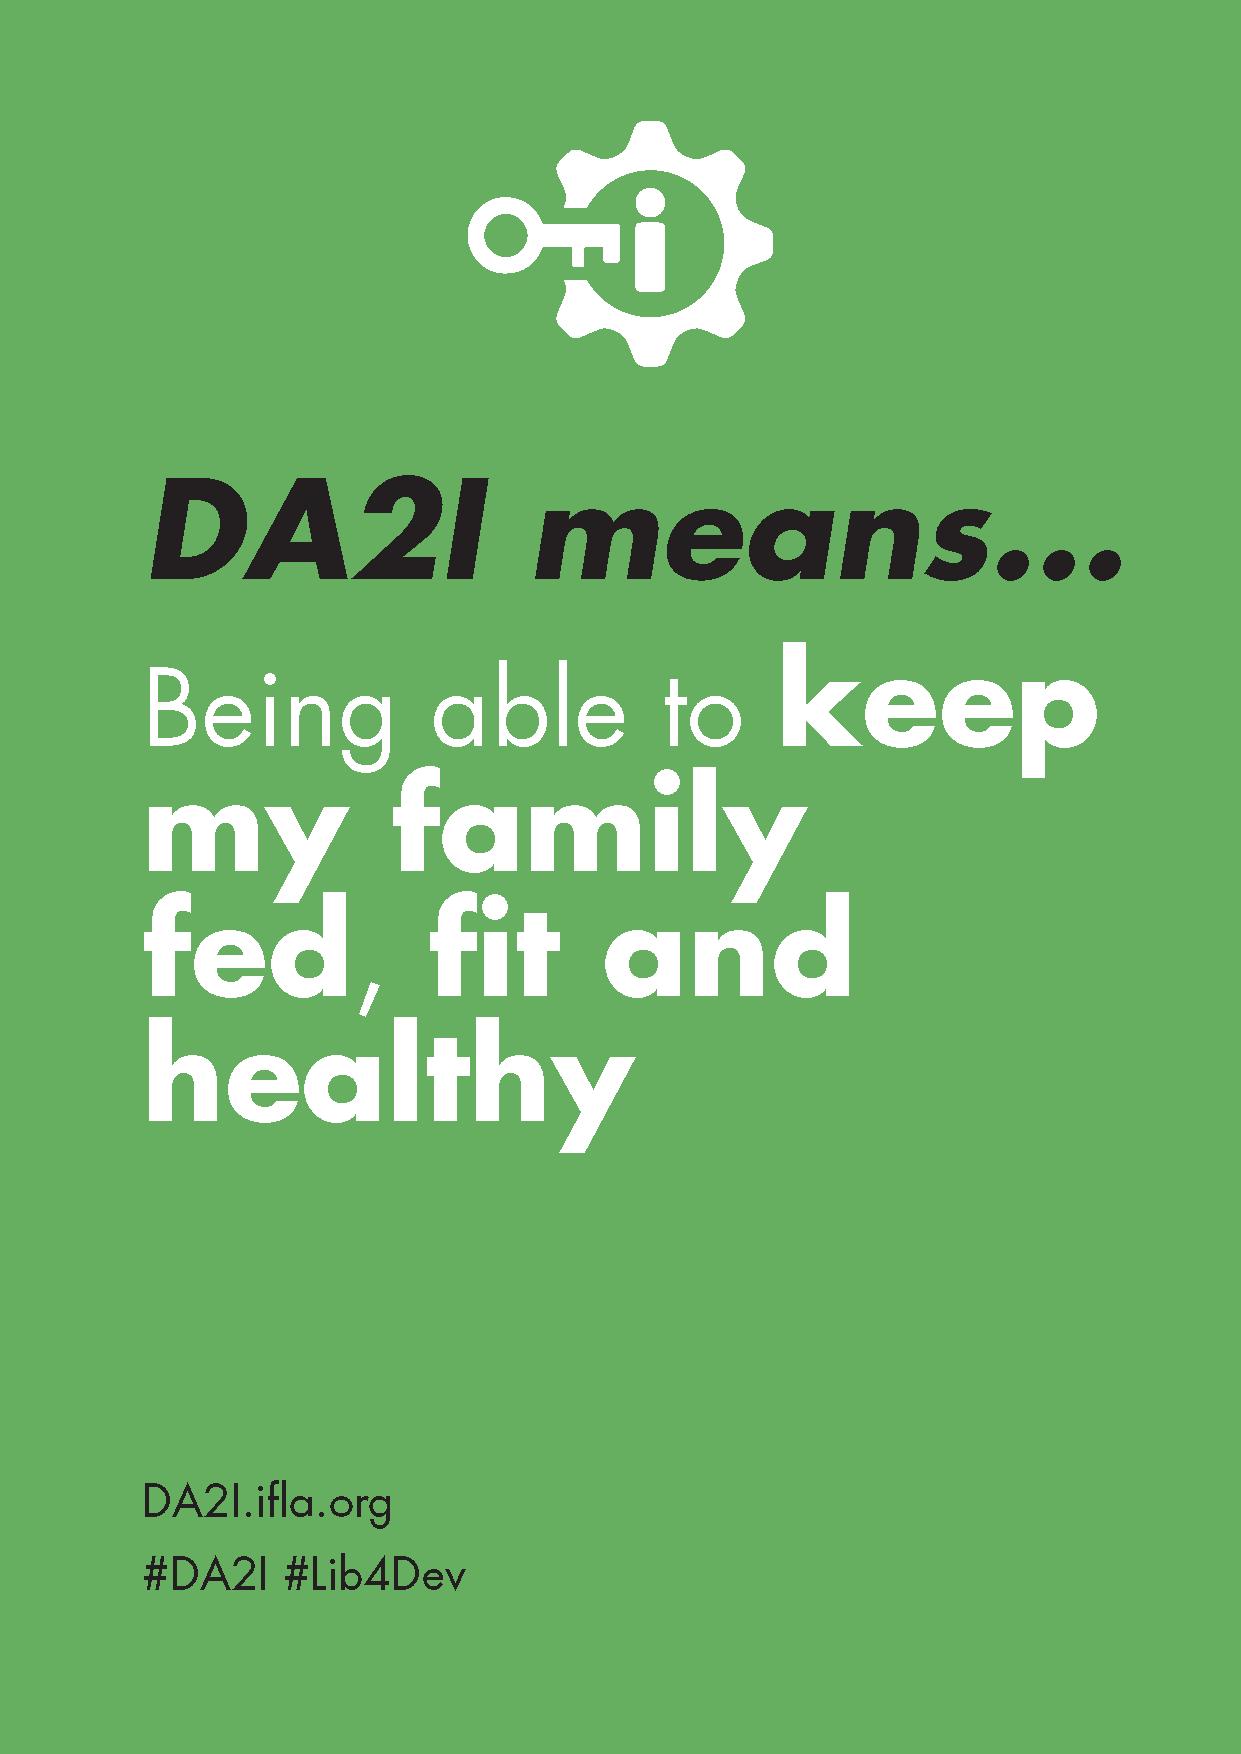 DA2I Postcard SDG 3